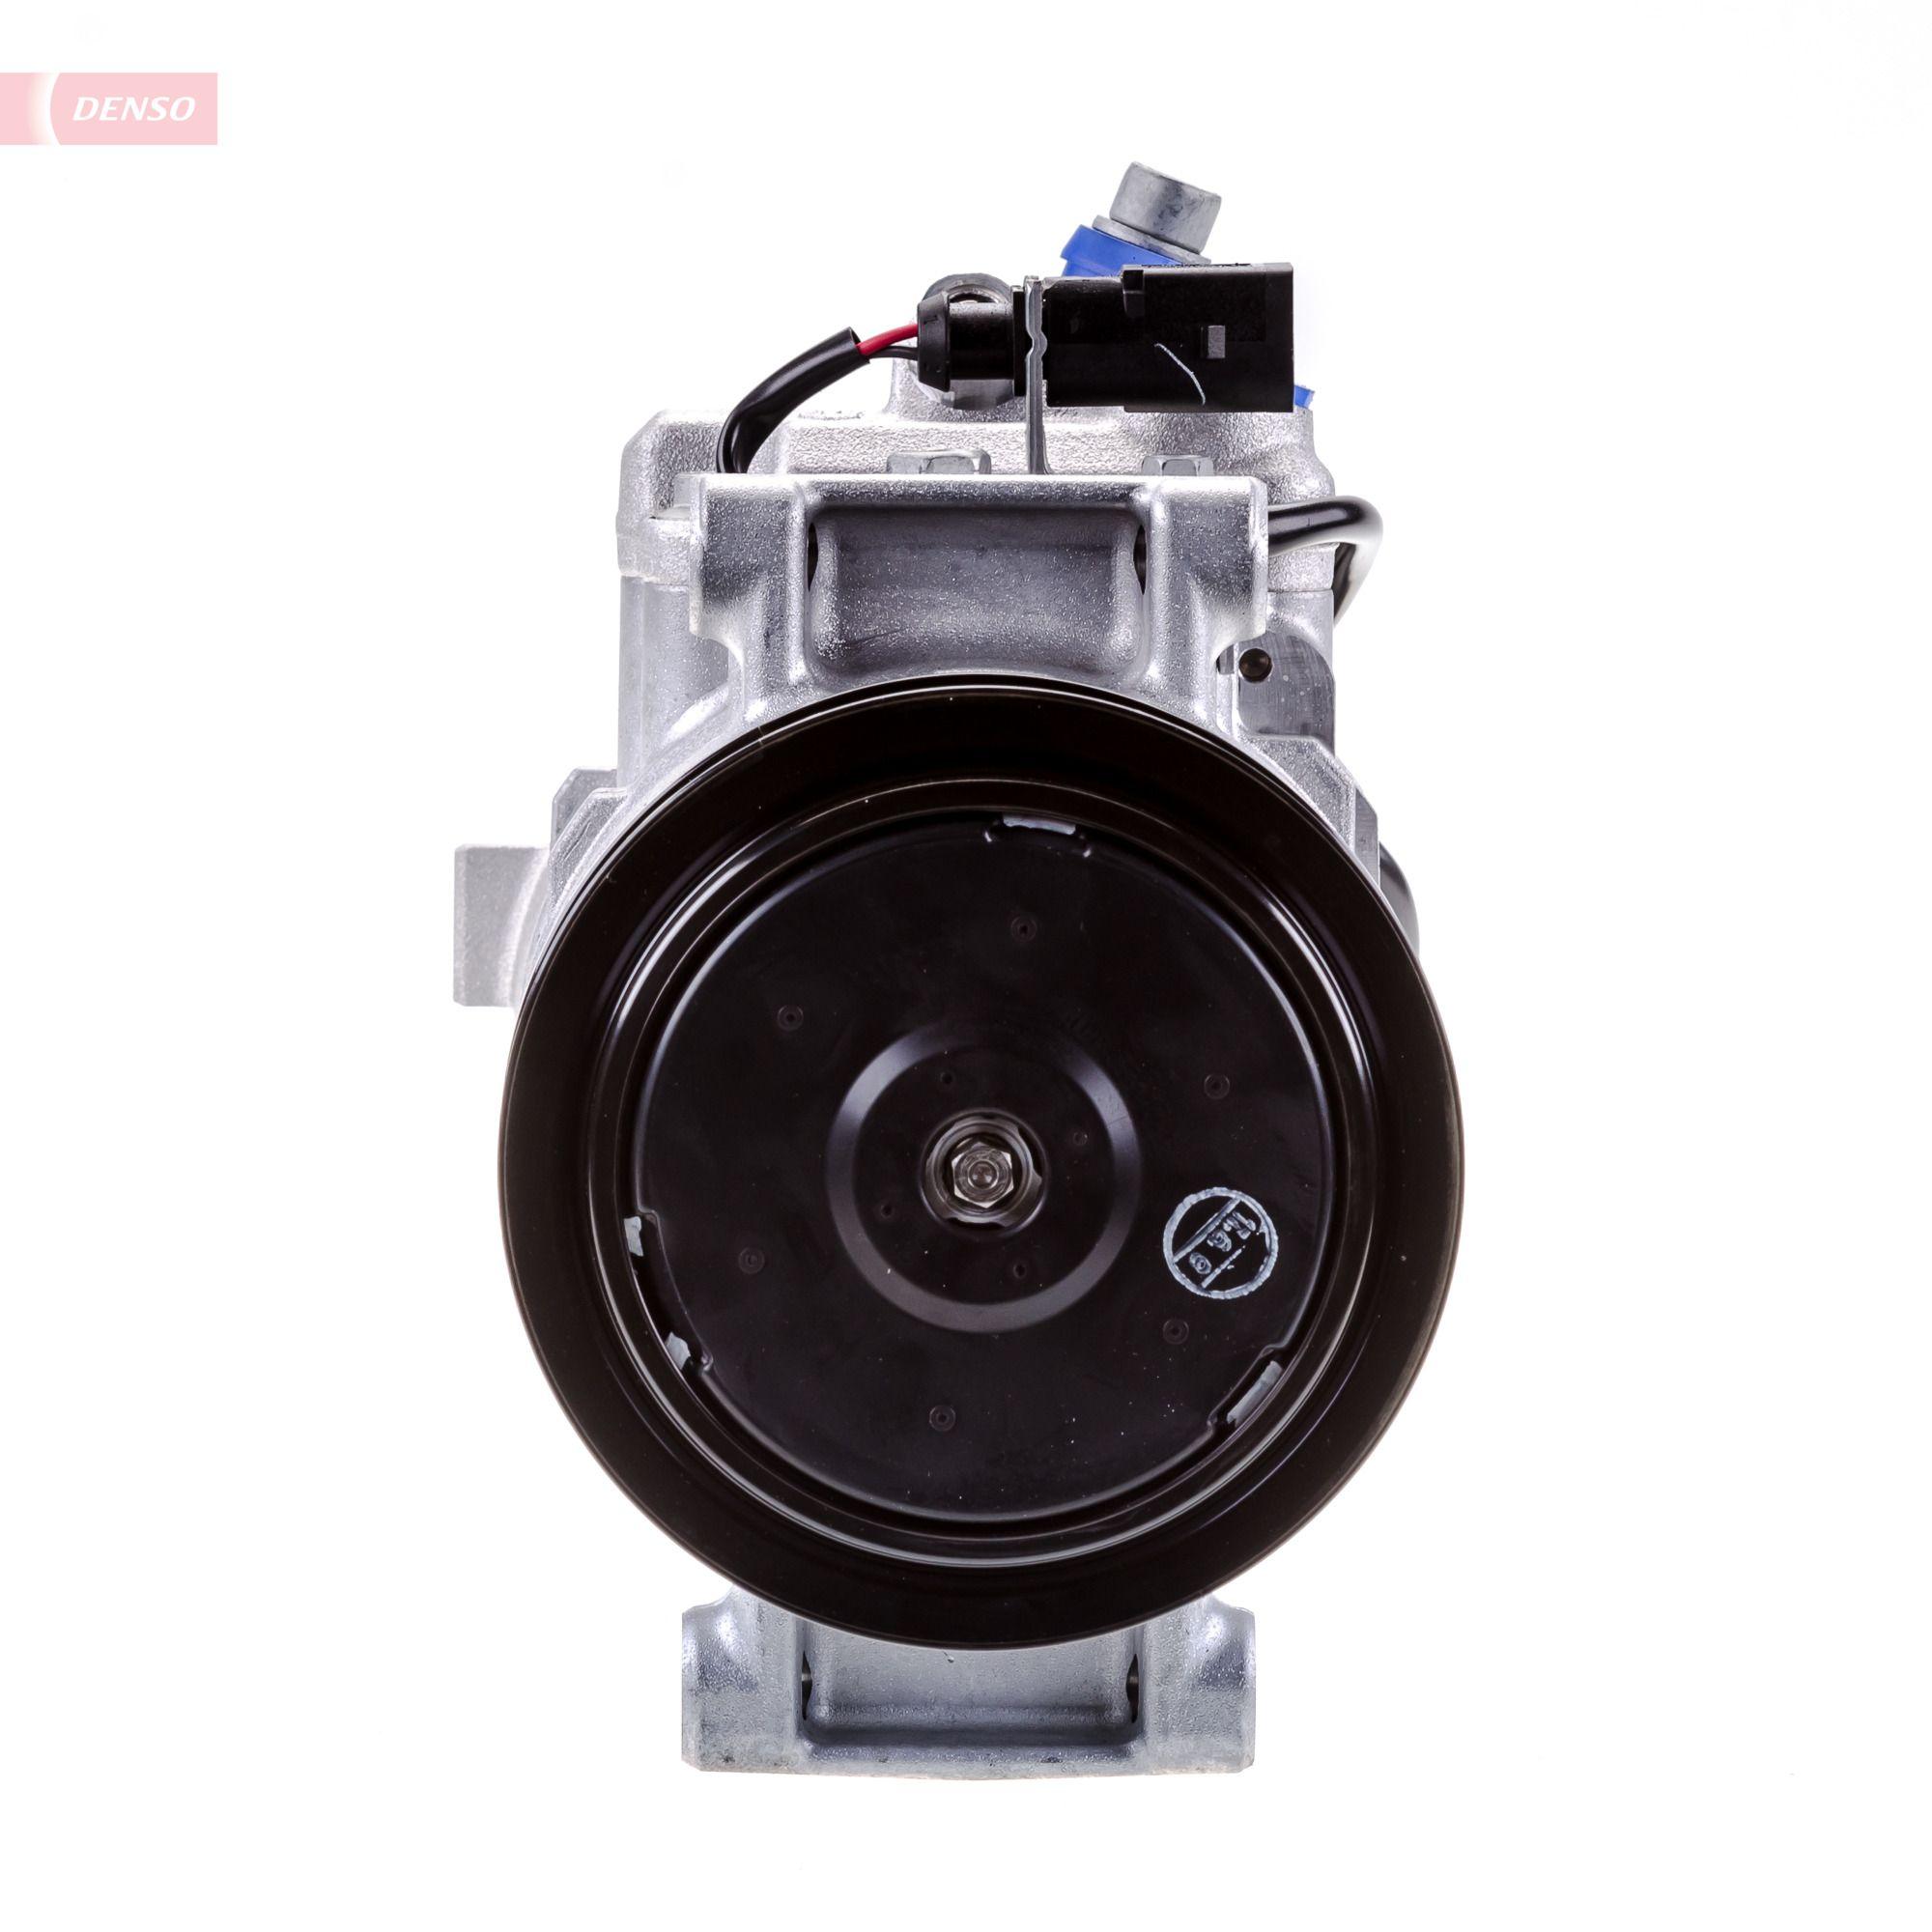 DCP02092 Kältemittelkompressor DENSO Erfahrung